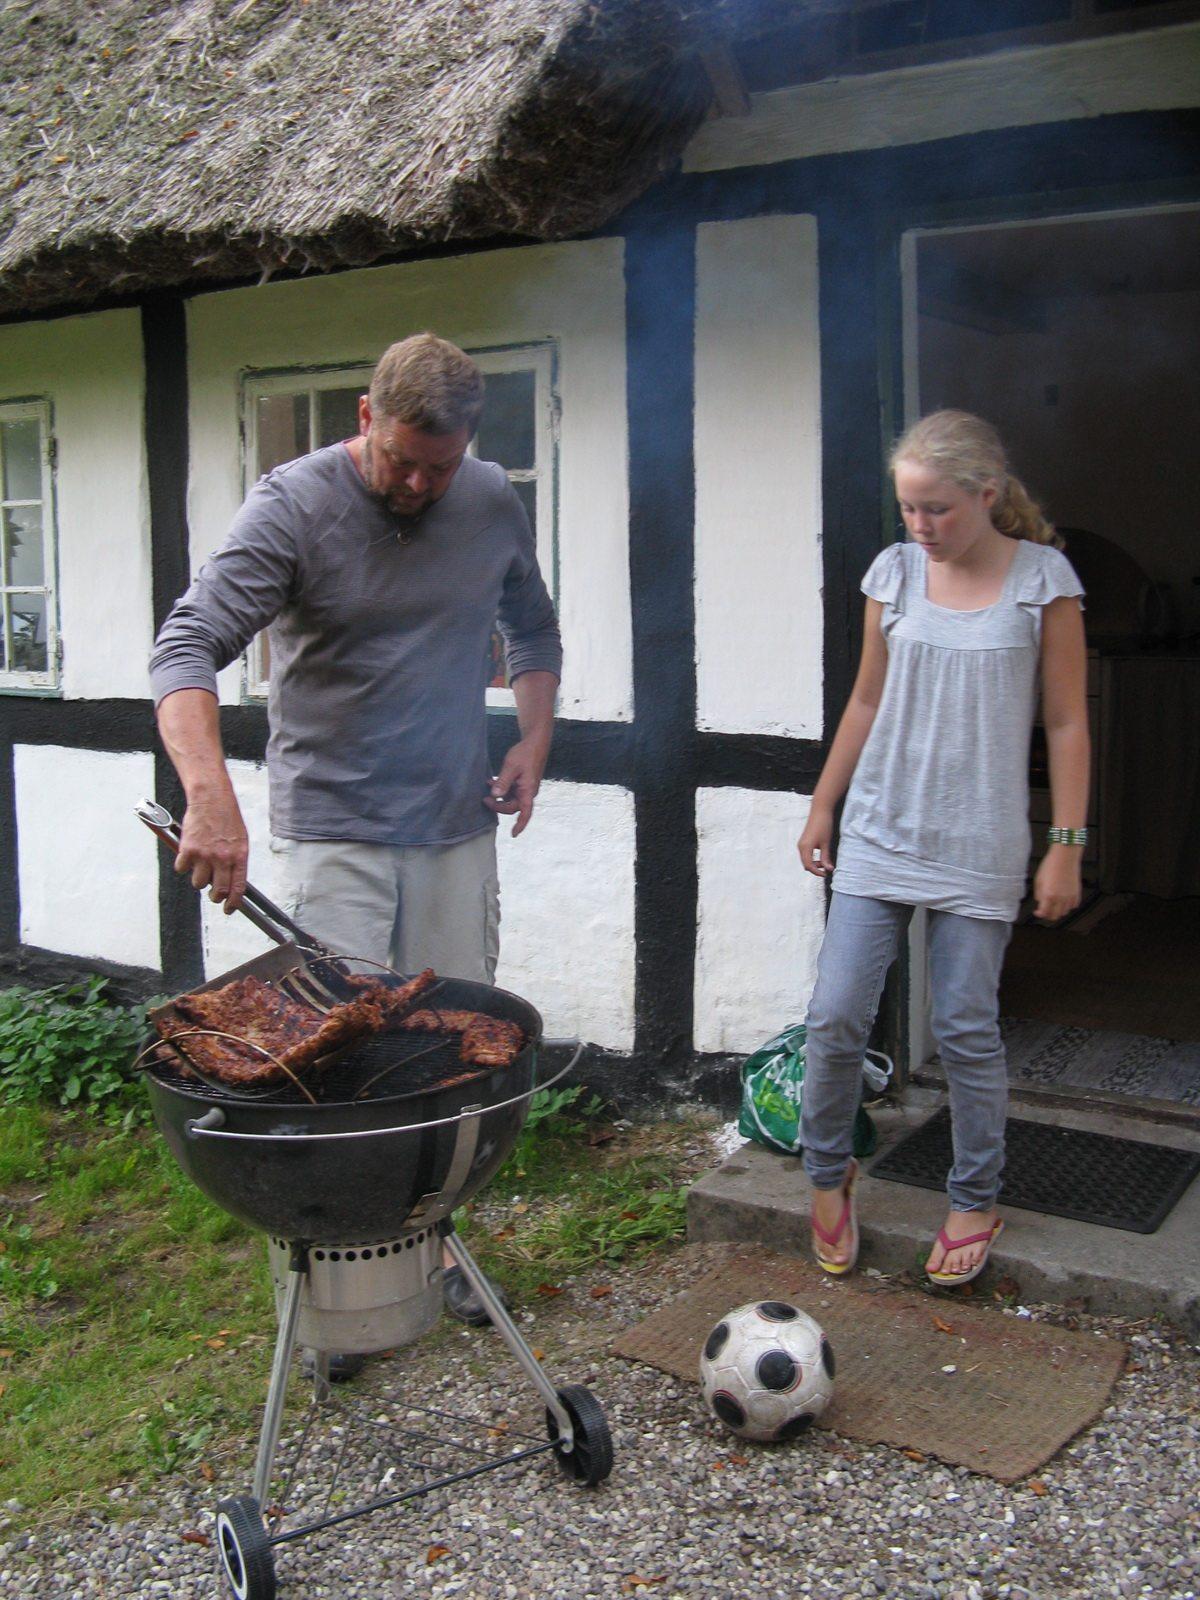 John og ida-marie lund barbequeing